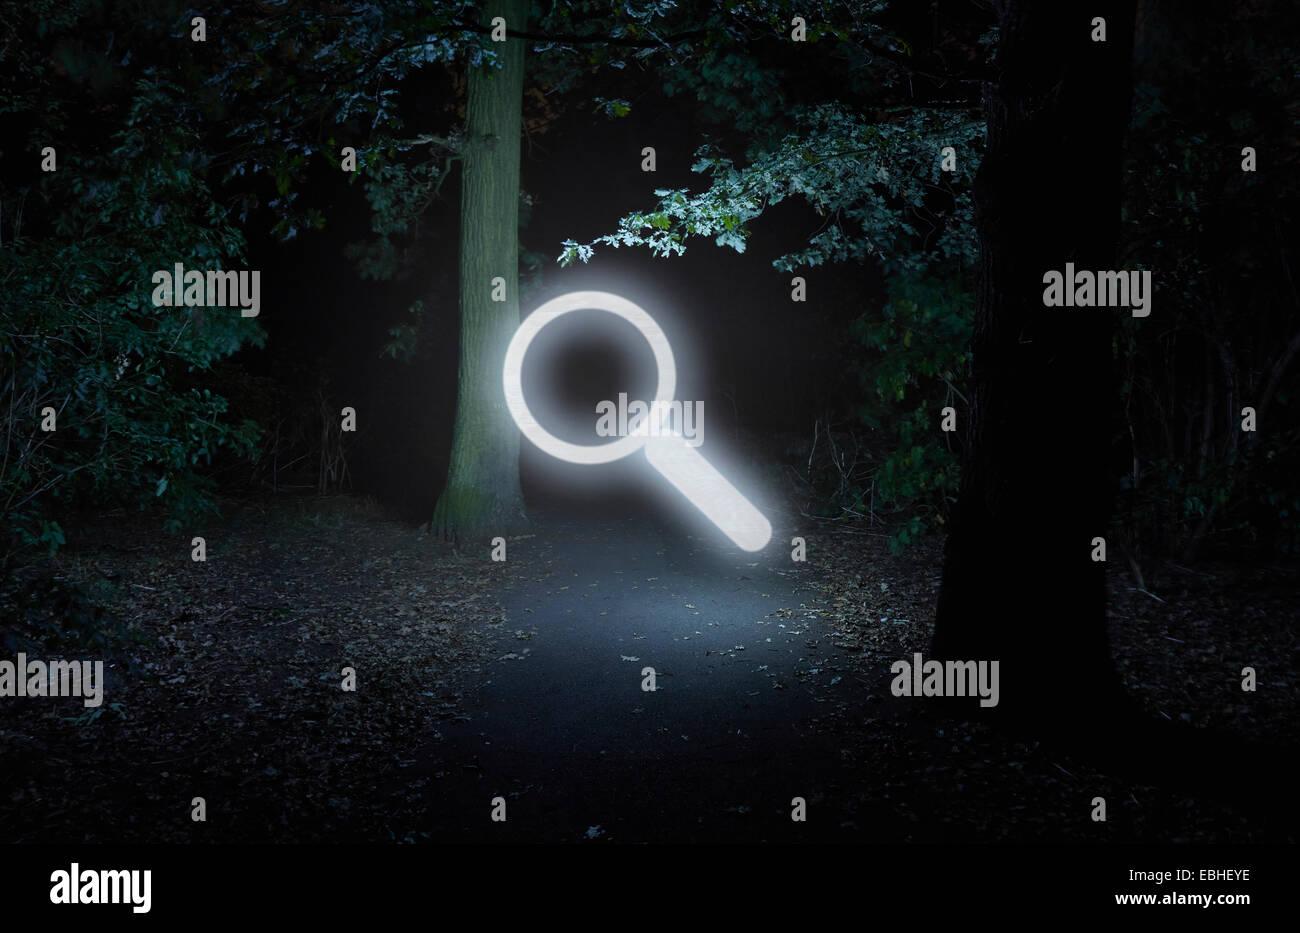 Forêt la nuit, avec symbole recherche lumineux Photo Stock